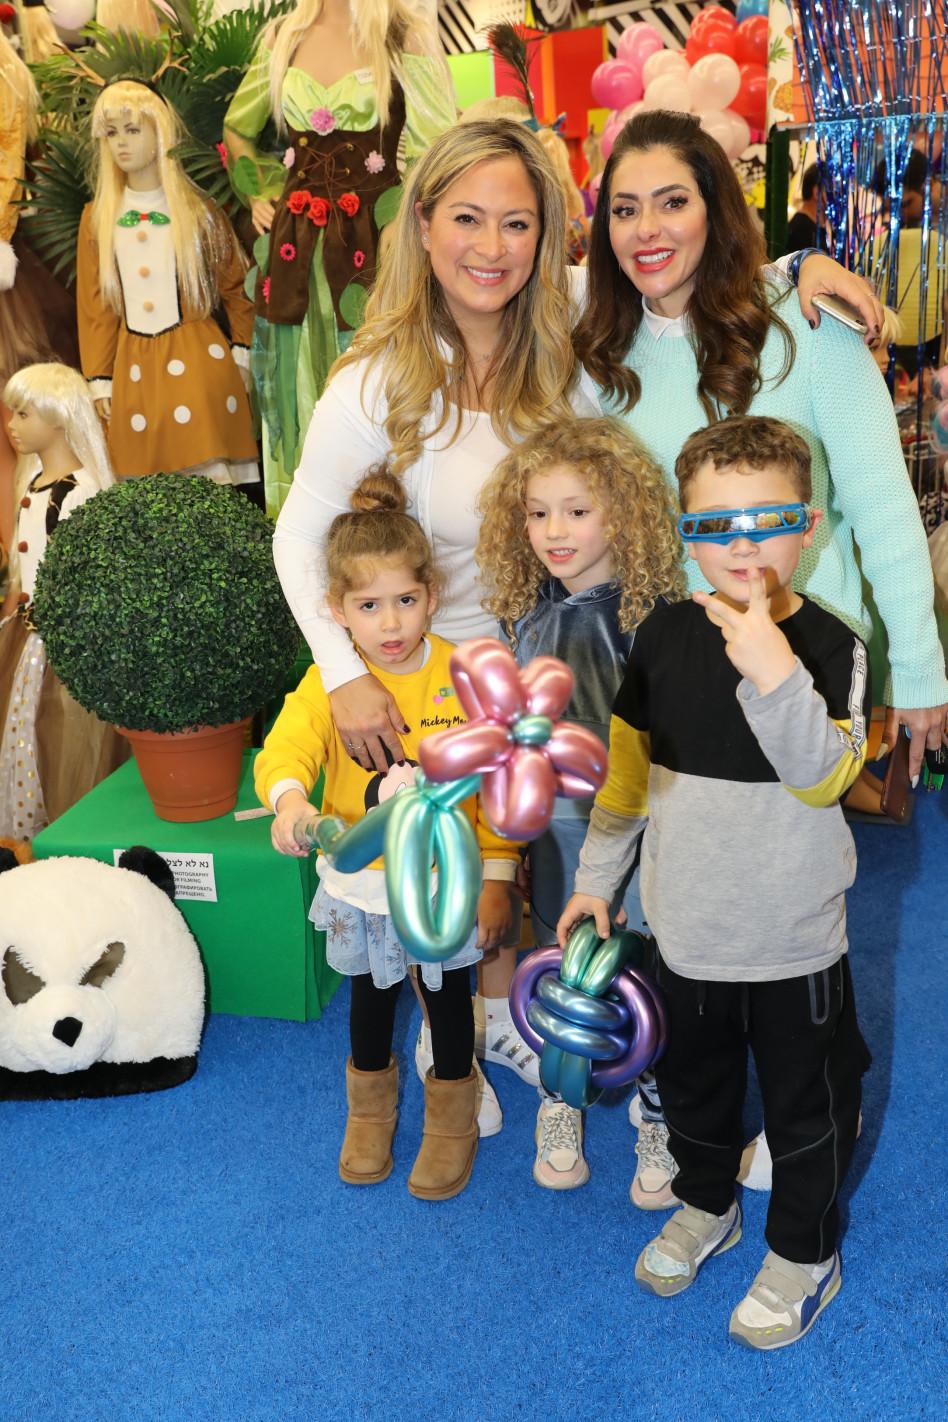 להיא ונעמה עם הילדים (צילום: רפי דלויה)